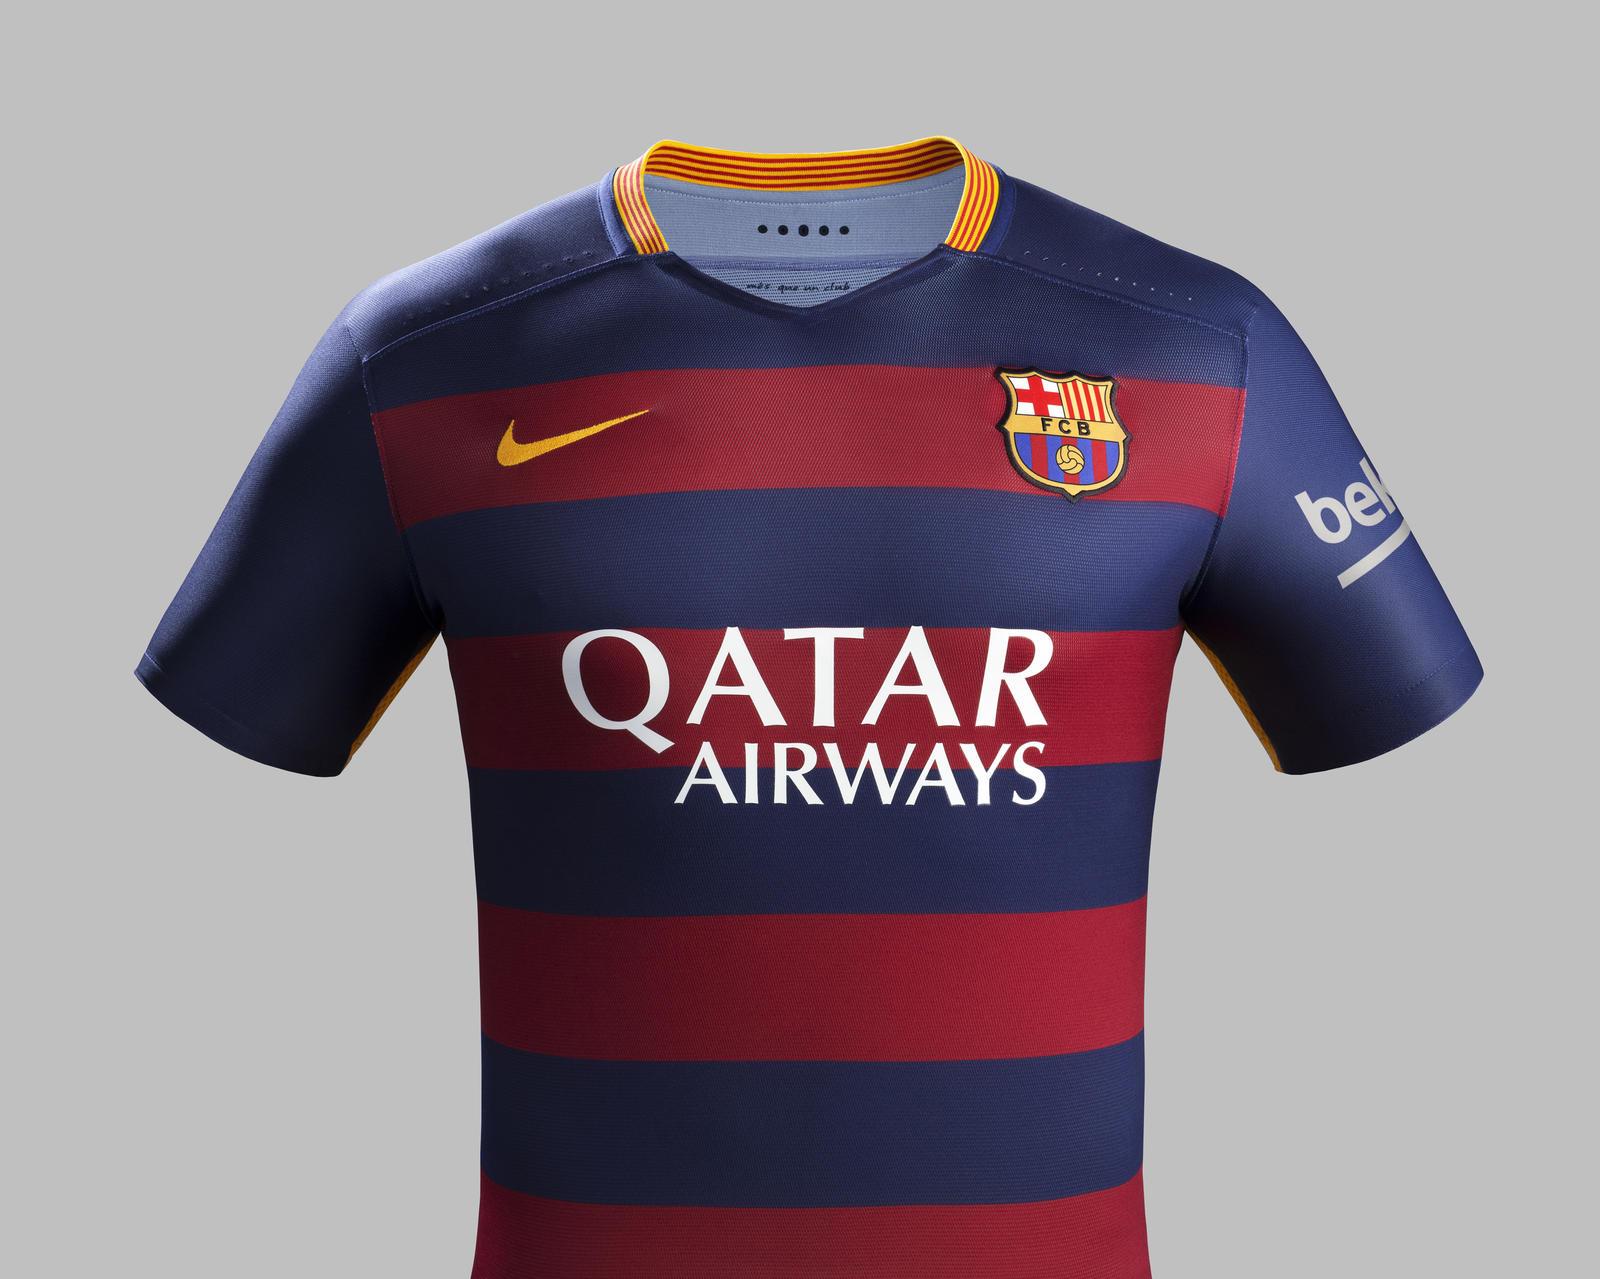 nike-barcelona-home-jersey.jpg